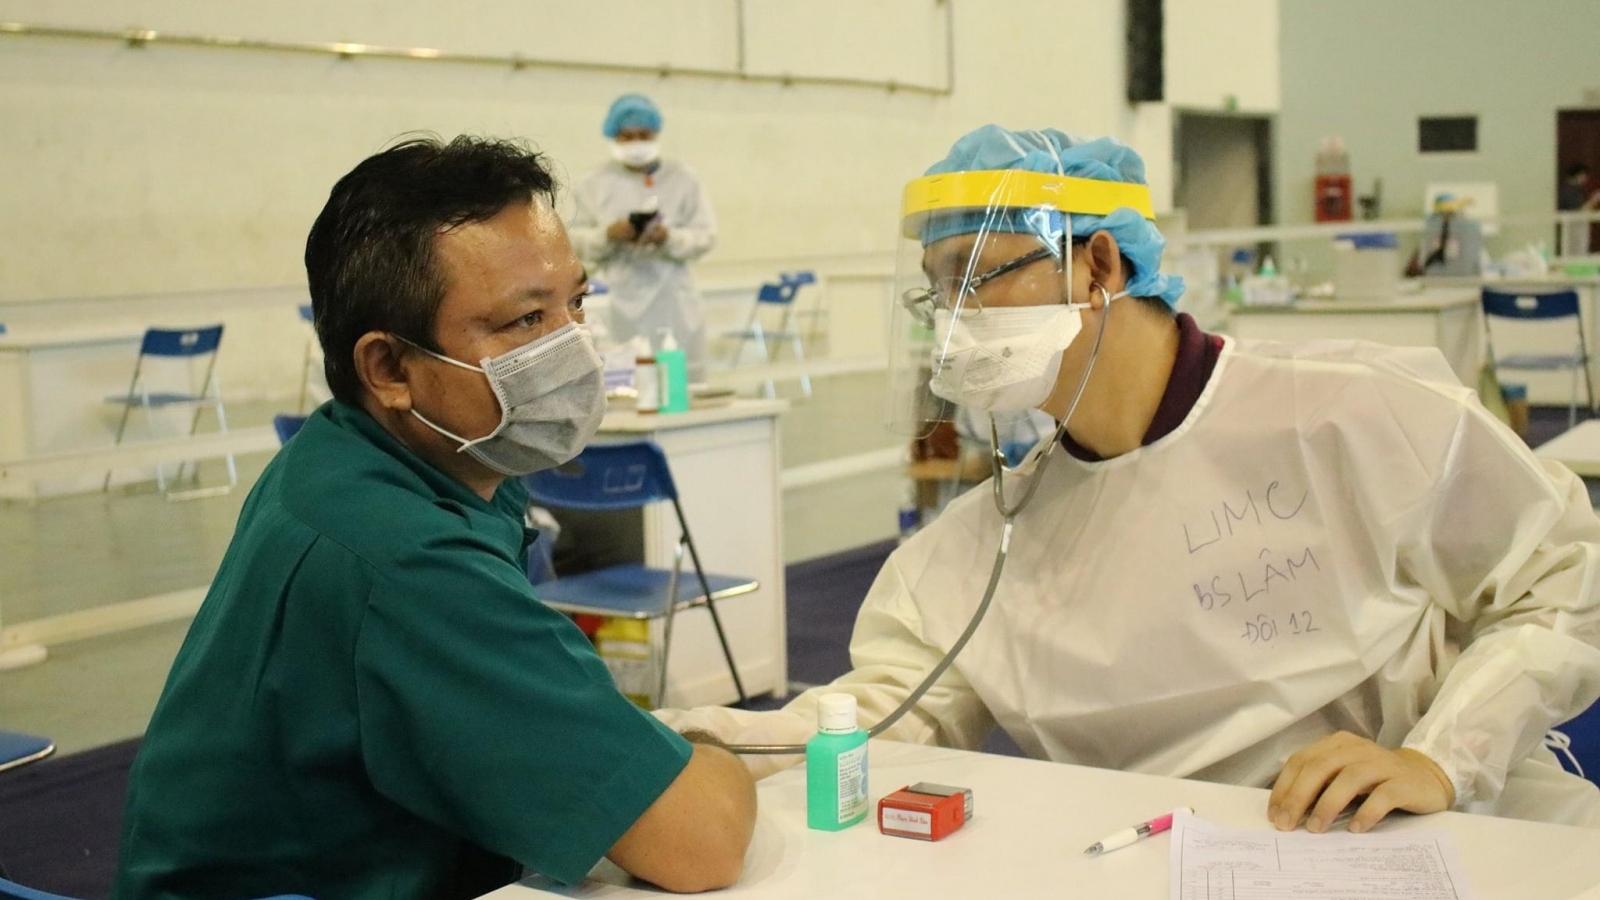 TP.HCM hoàn tất chiến dịch tiêm chủng với tốc độ nhanh gấp 10 lần thông thường